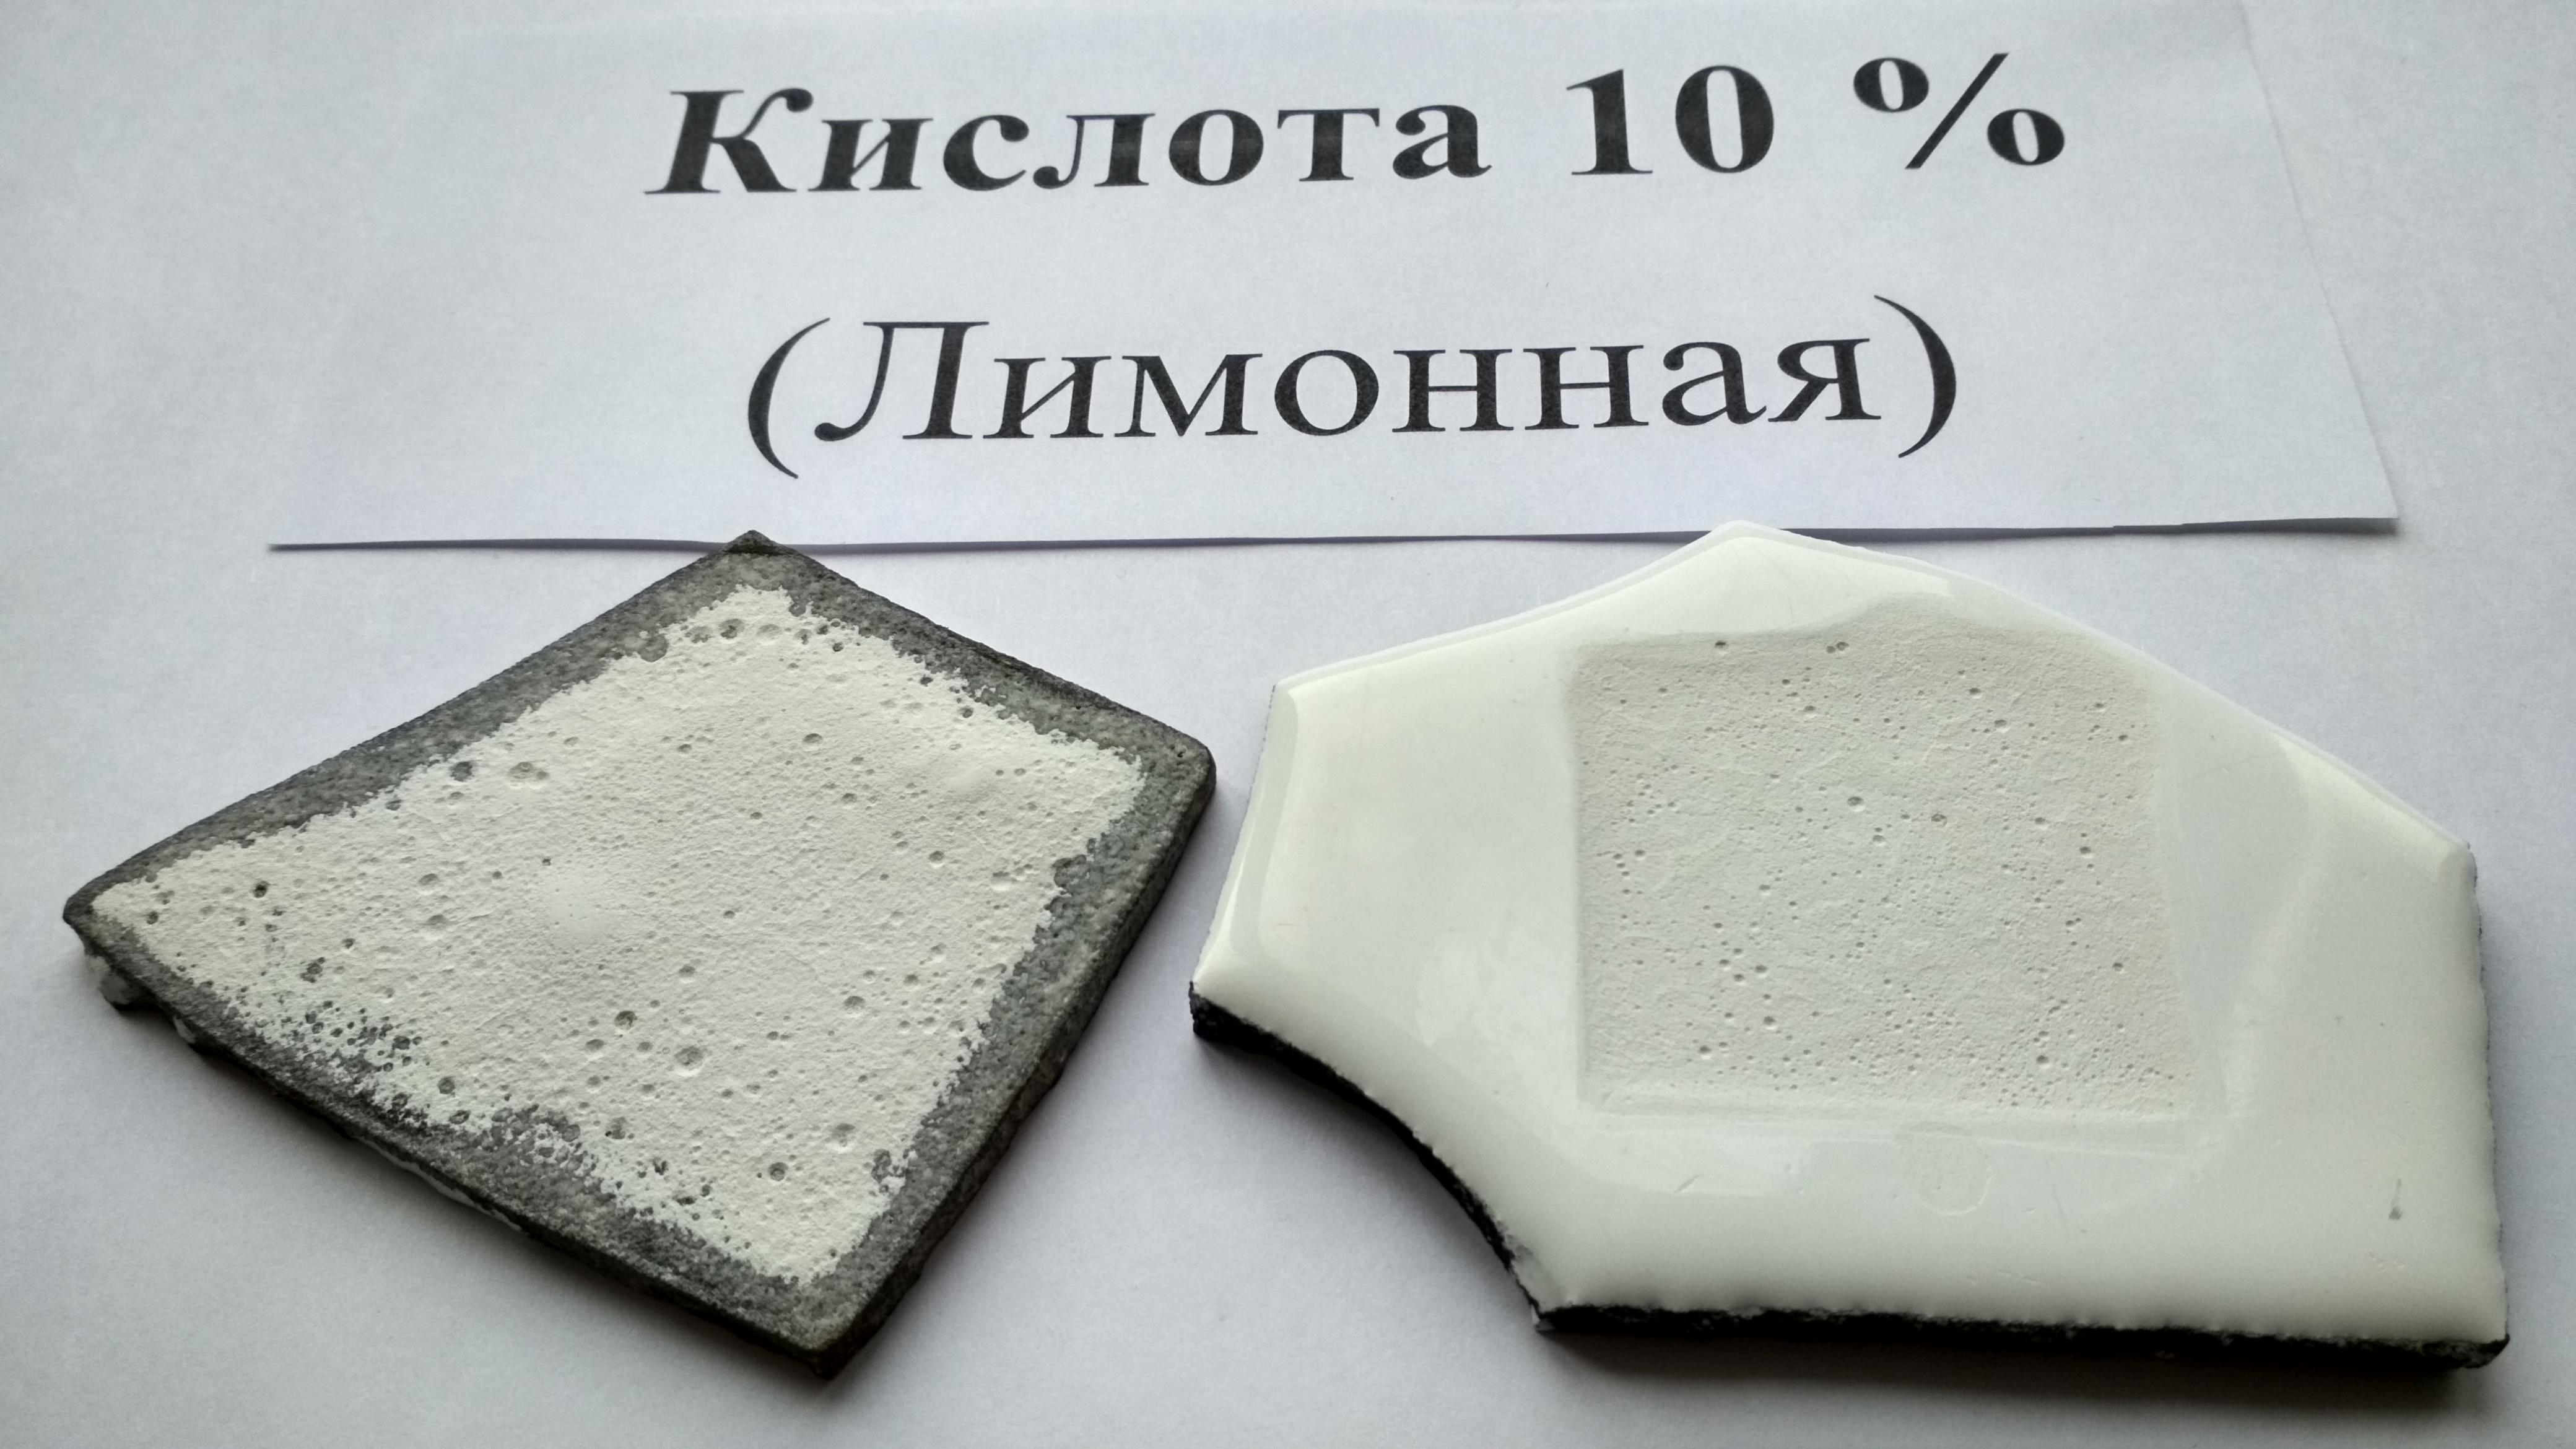 Чугунные пластинки после воздействия 10 % лимонной кислоты в течение 30 дней